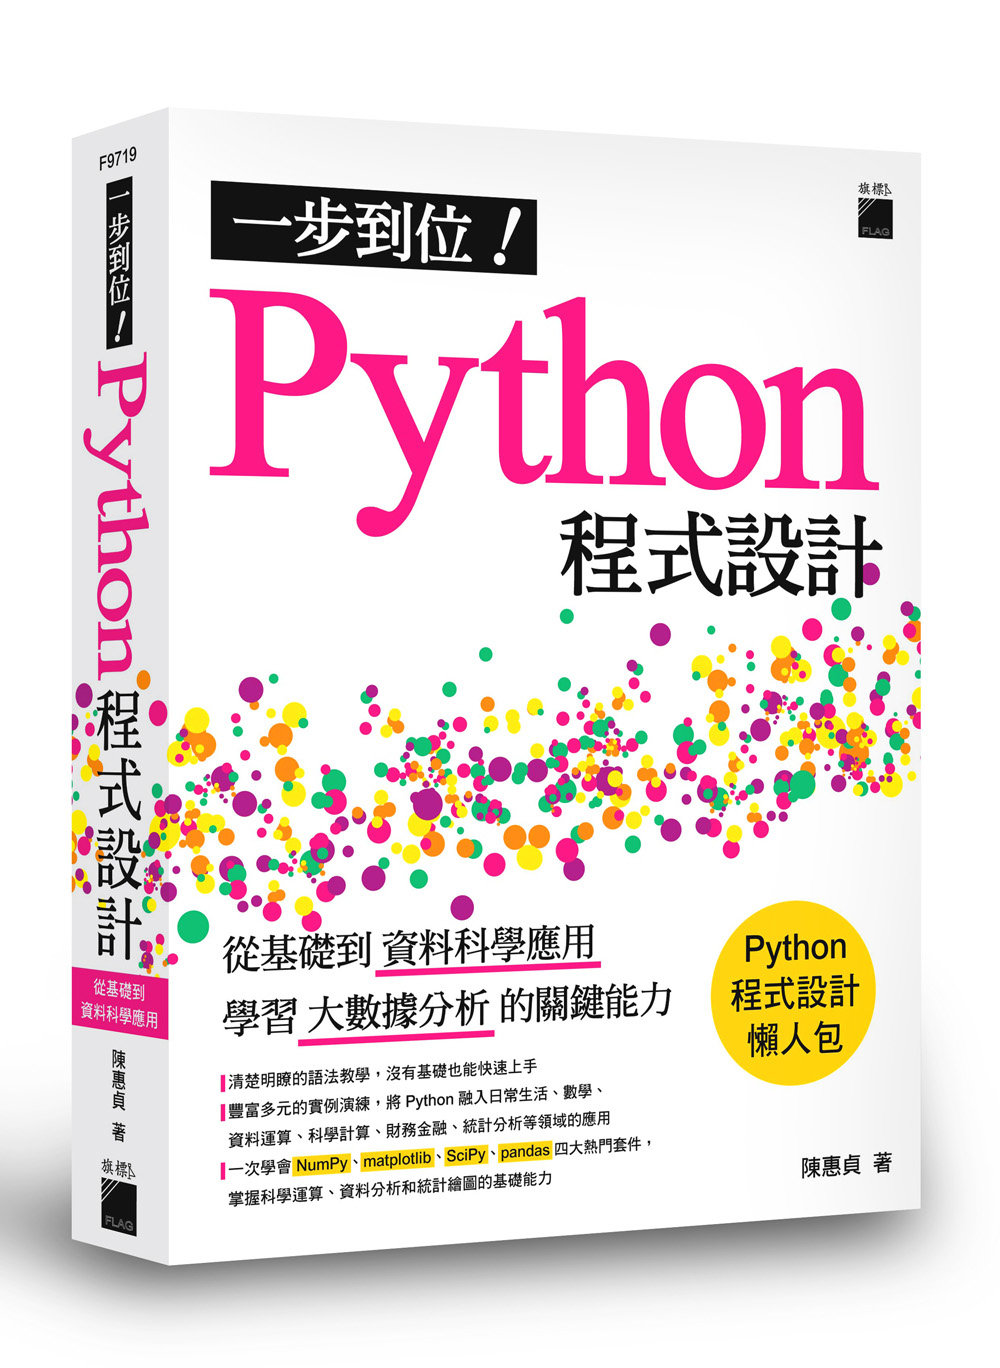 一步到位!Python 程式設計 - 從基礎到資料科學應用,學習大數據分析的關鍵能力-preview-1